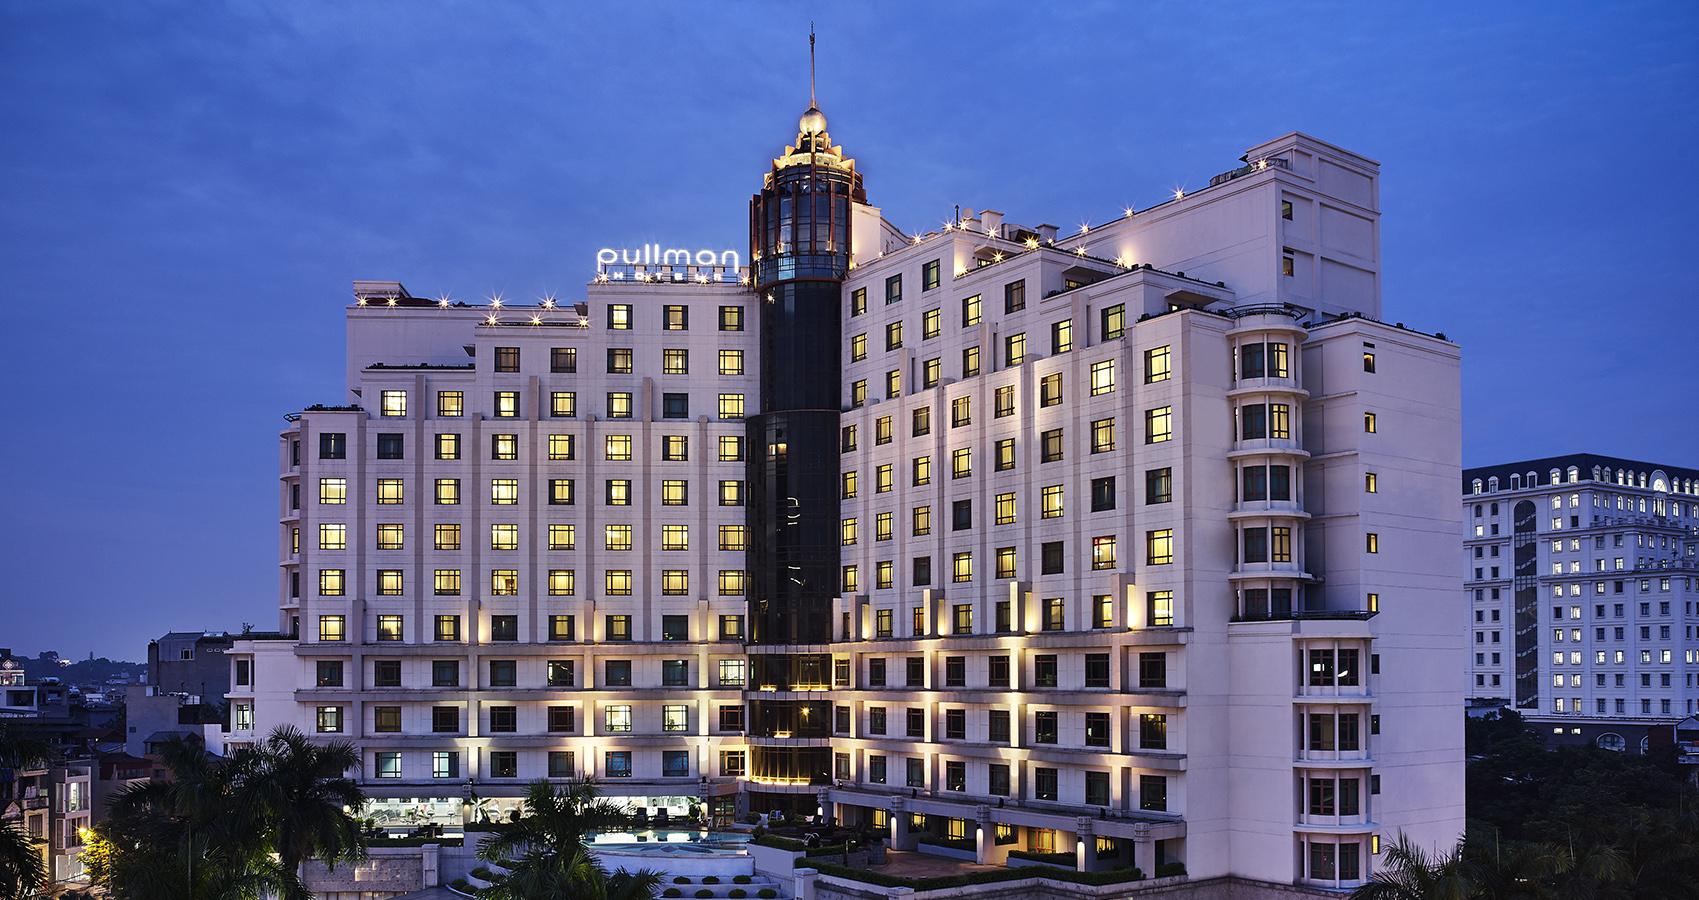 Hotel in hanoi pullman hanoi hotel pullman hanoi mightylinksfo